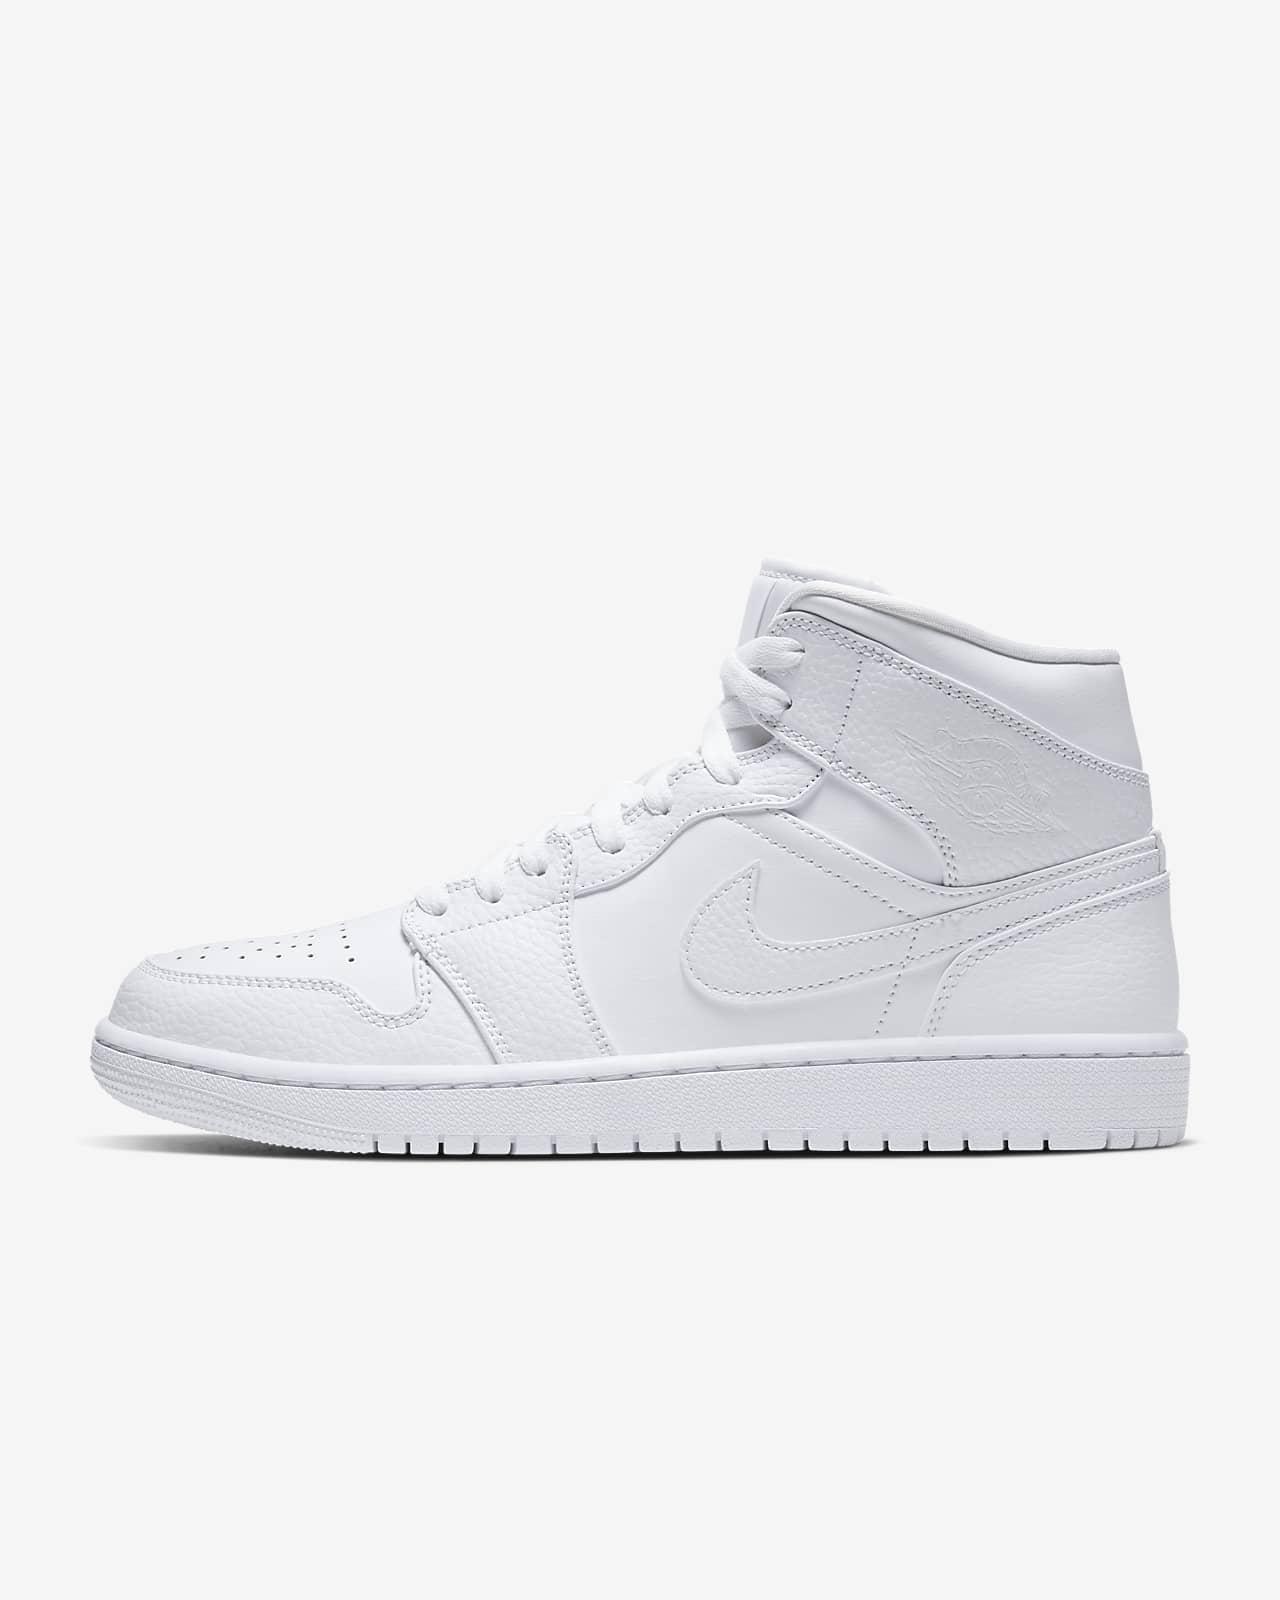 Kjøp Nike Air Jordan 1 Mid Shoe White Black White sko Online